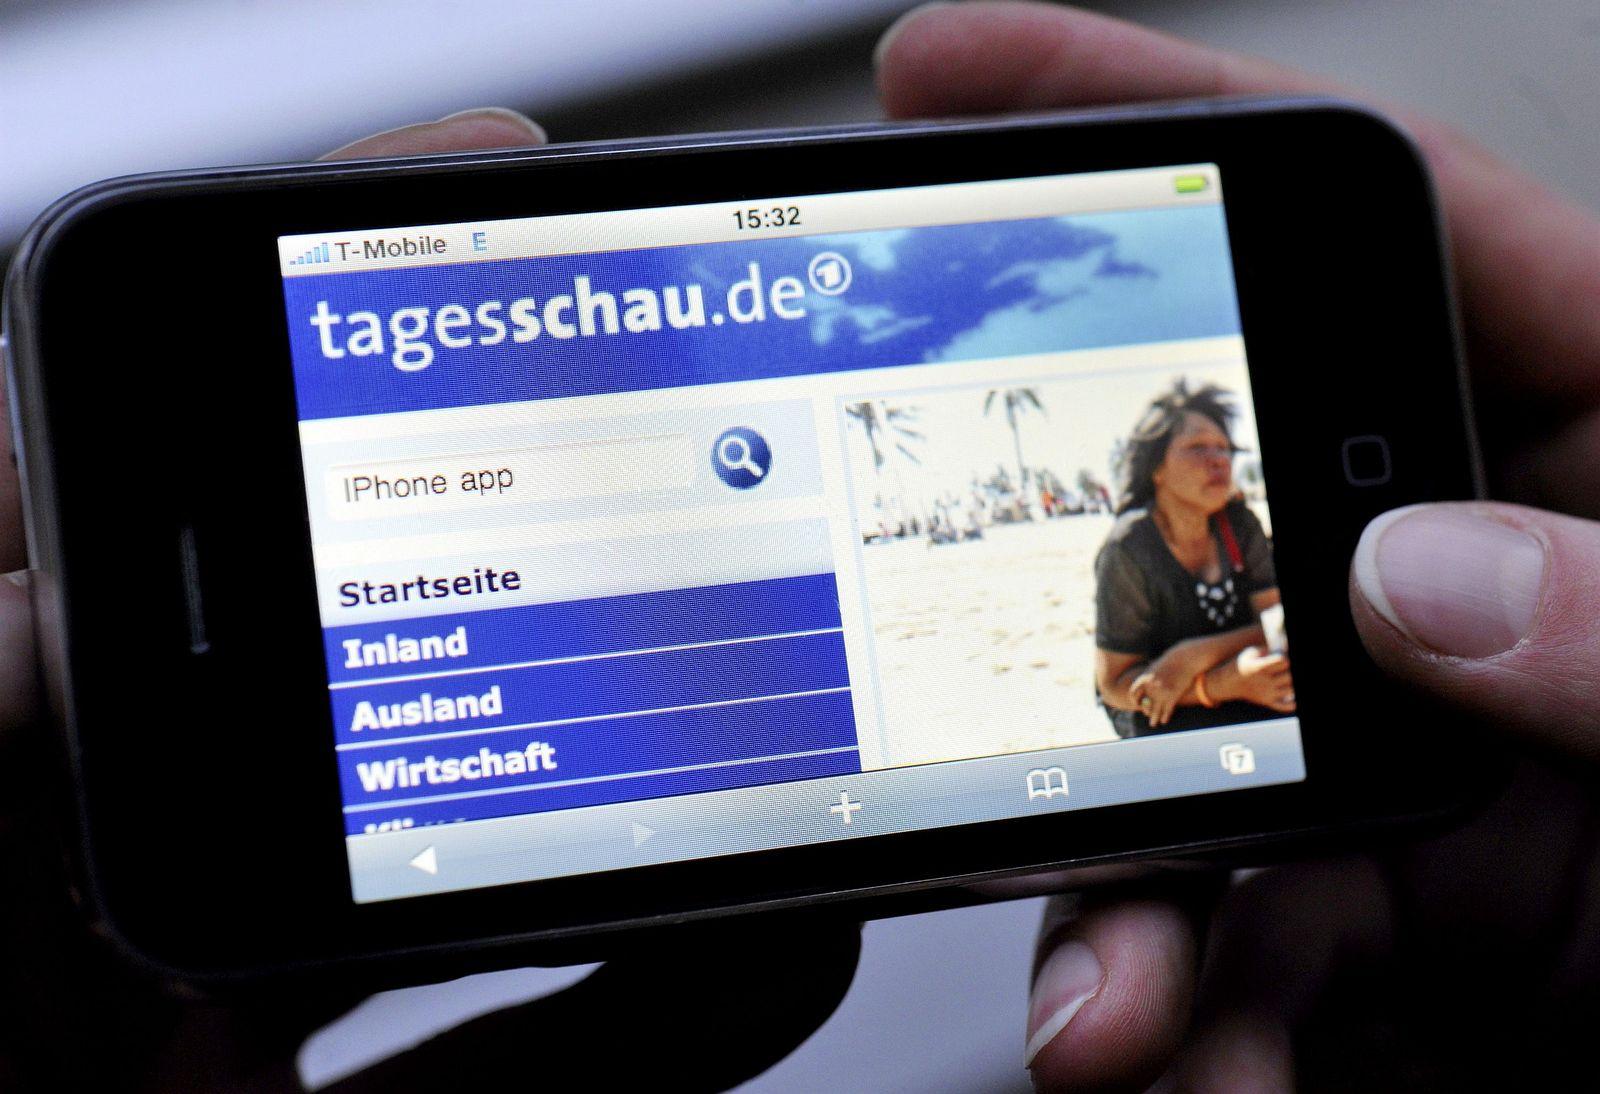 iPhone / Tagesschau (KEINE APP!)